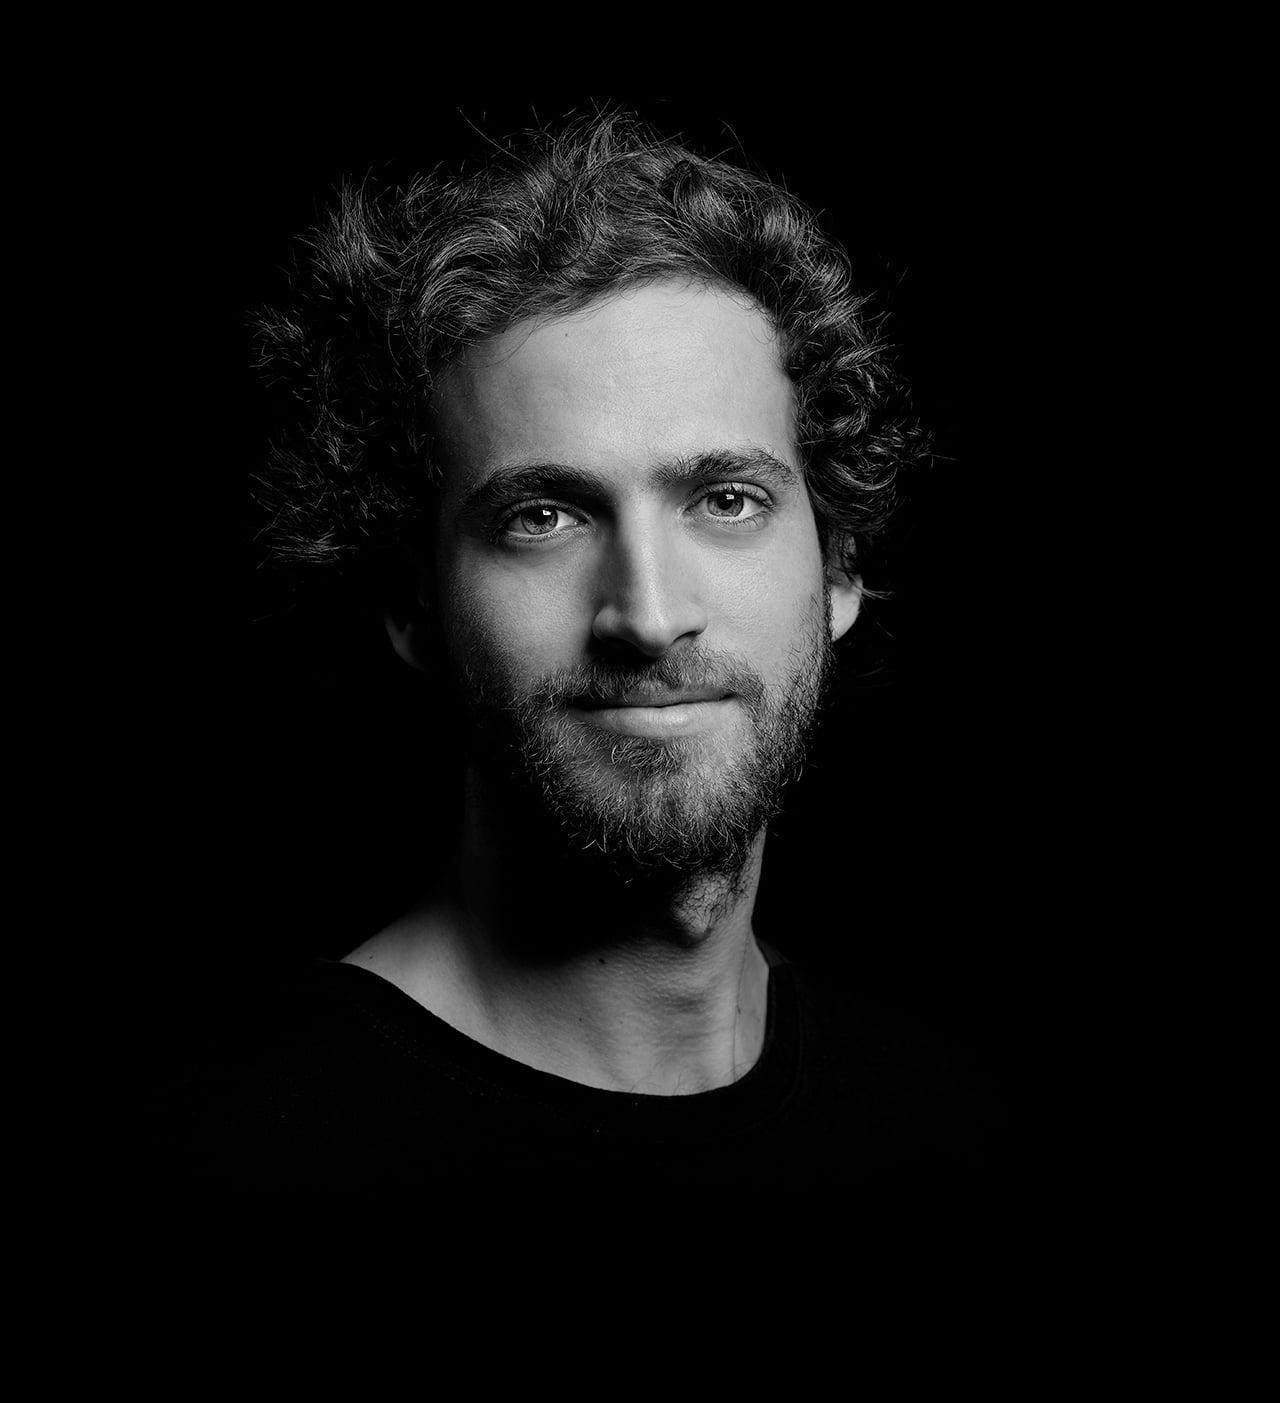 Cose Agency - Edoardo di Luca